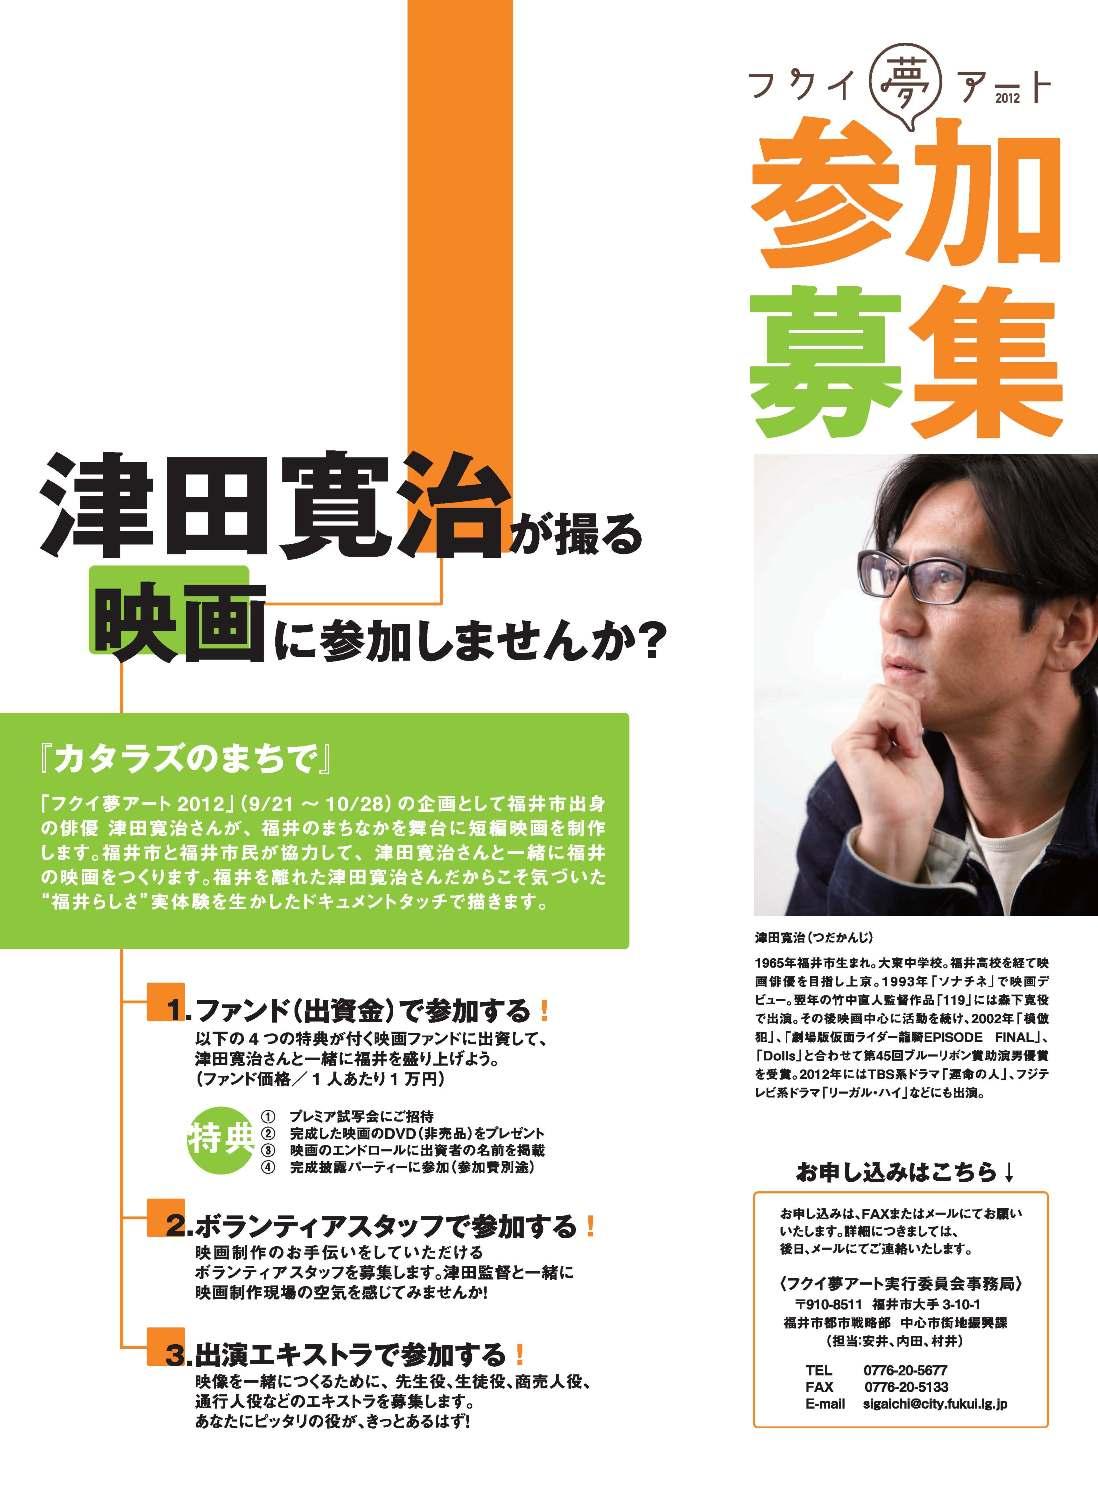 俳優 津田寛治さんにお会いしました!_f0229508_15344539.jpg